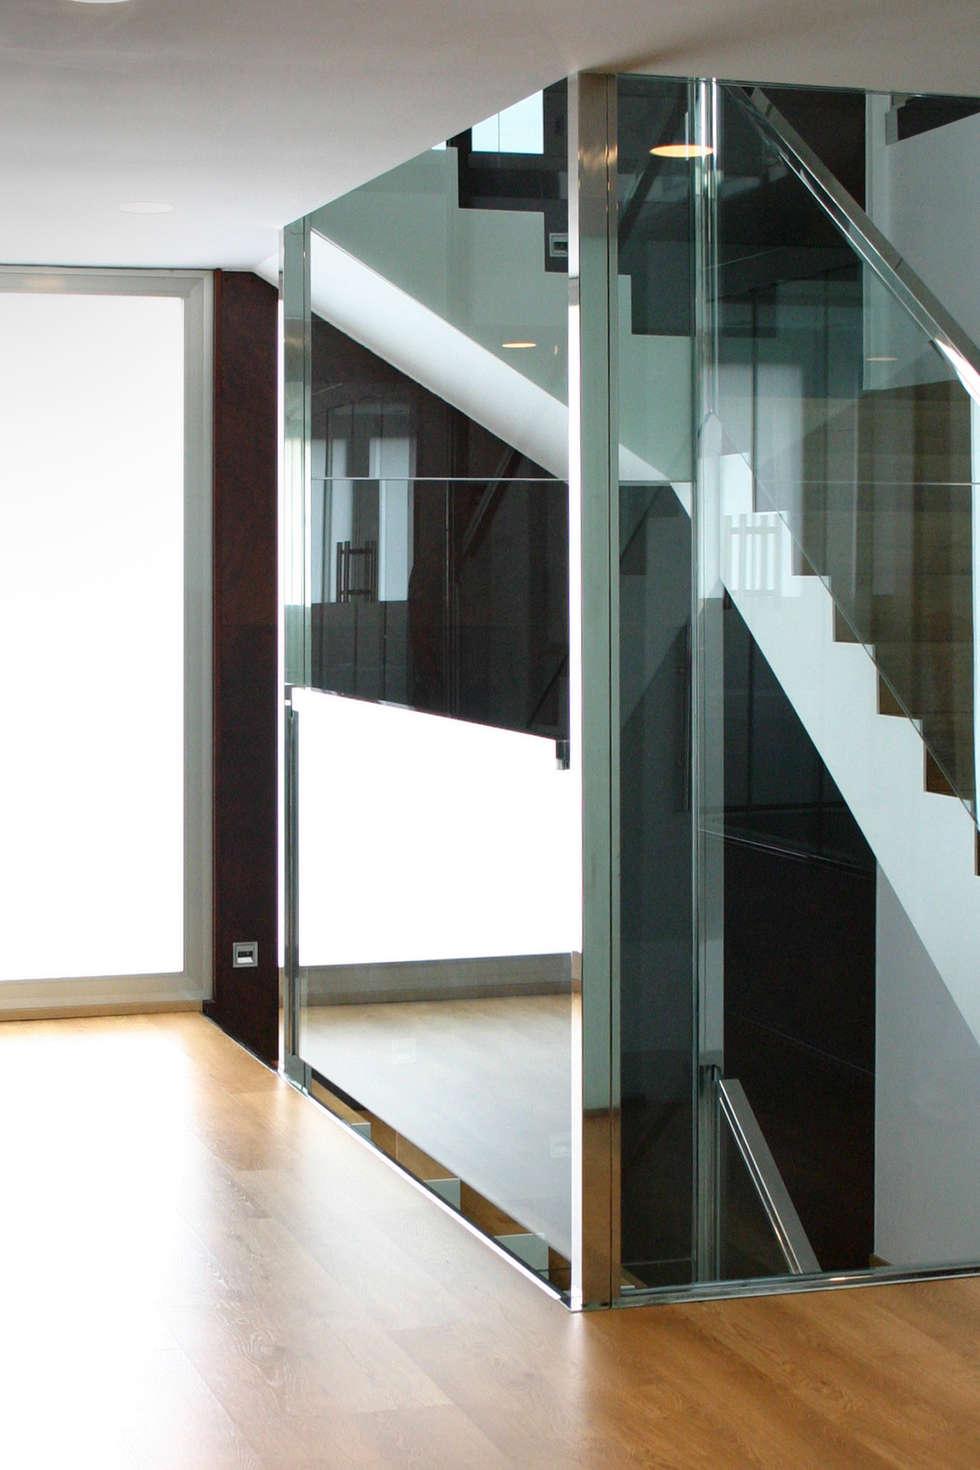 Fotos De Decoraci N Y Dise O De Interiores Homify ~ Barandas De Escaleras Interiores